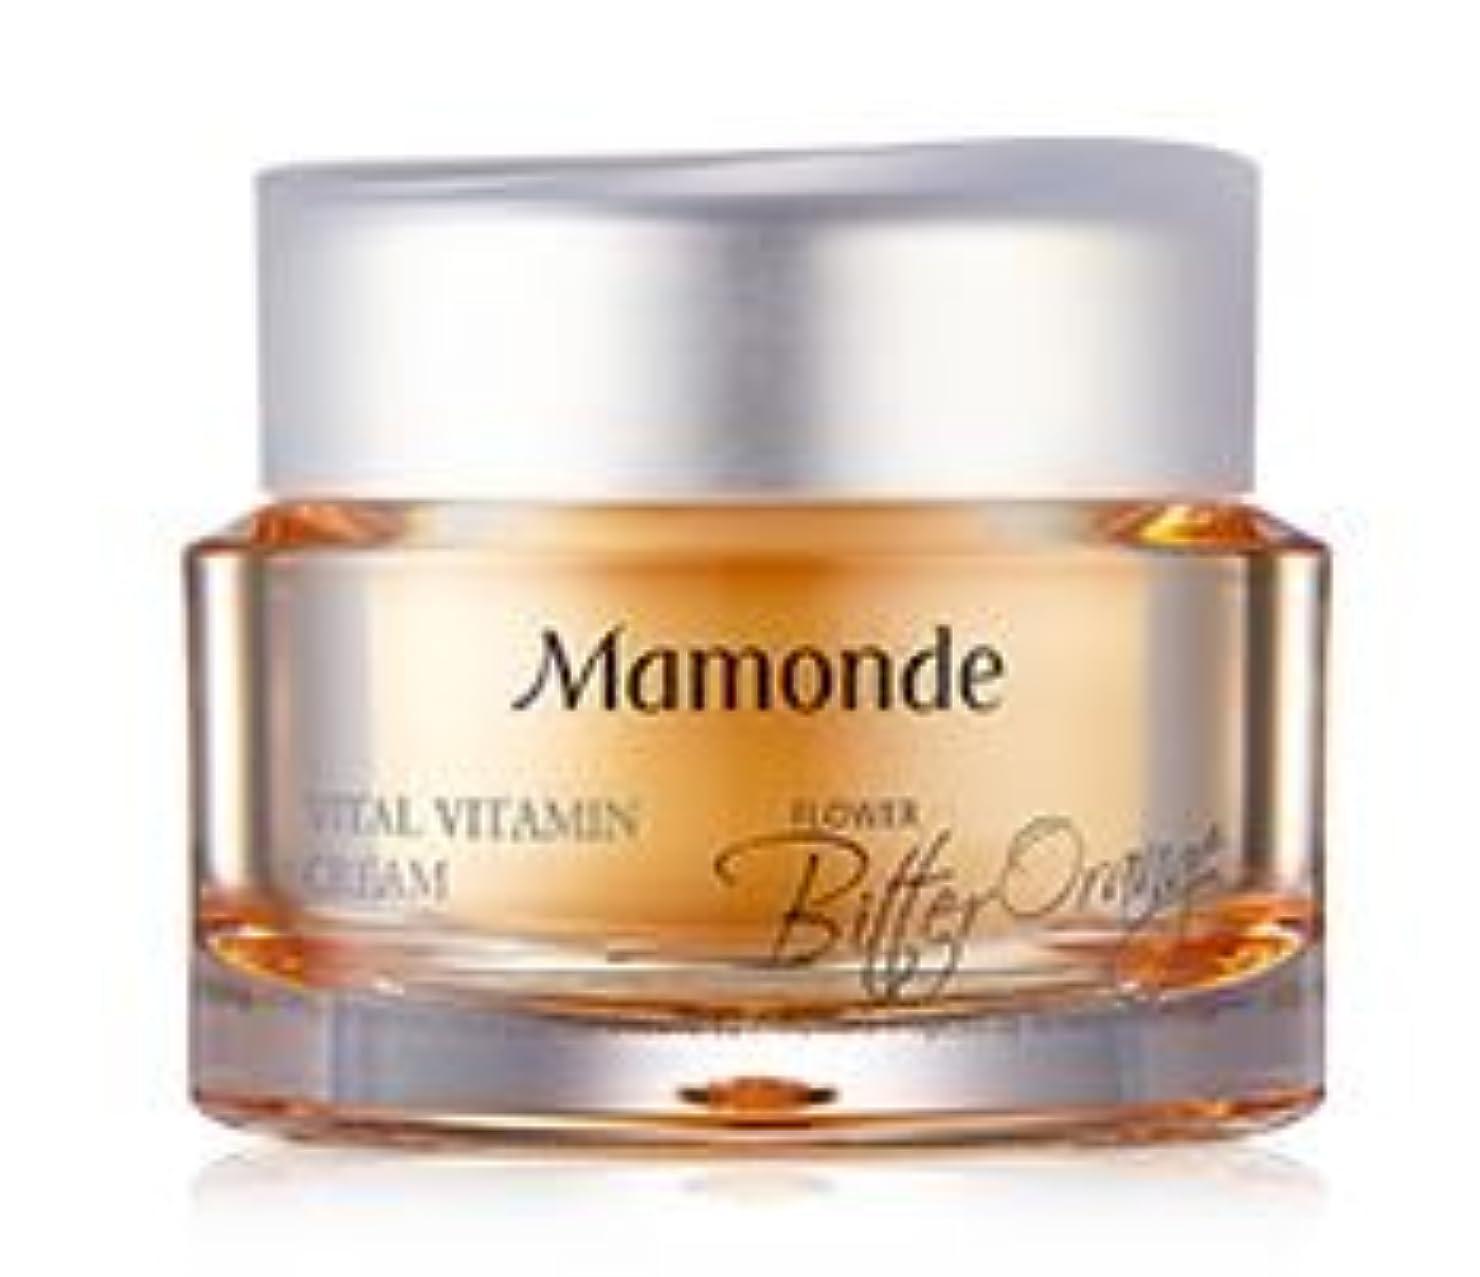 怒りジョセフバンクス生む[Mamonde] Vital Vitamin Cream 50ml /[マモンド]バイタルビタミンクリーム50ml [並行輸入品]